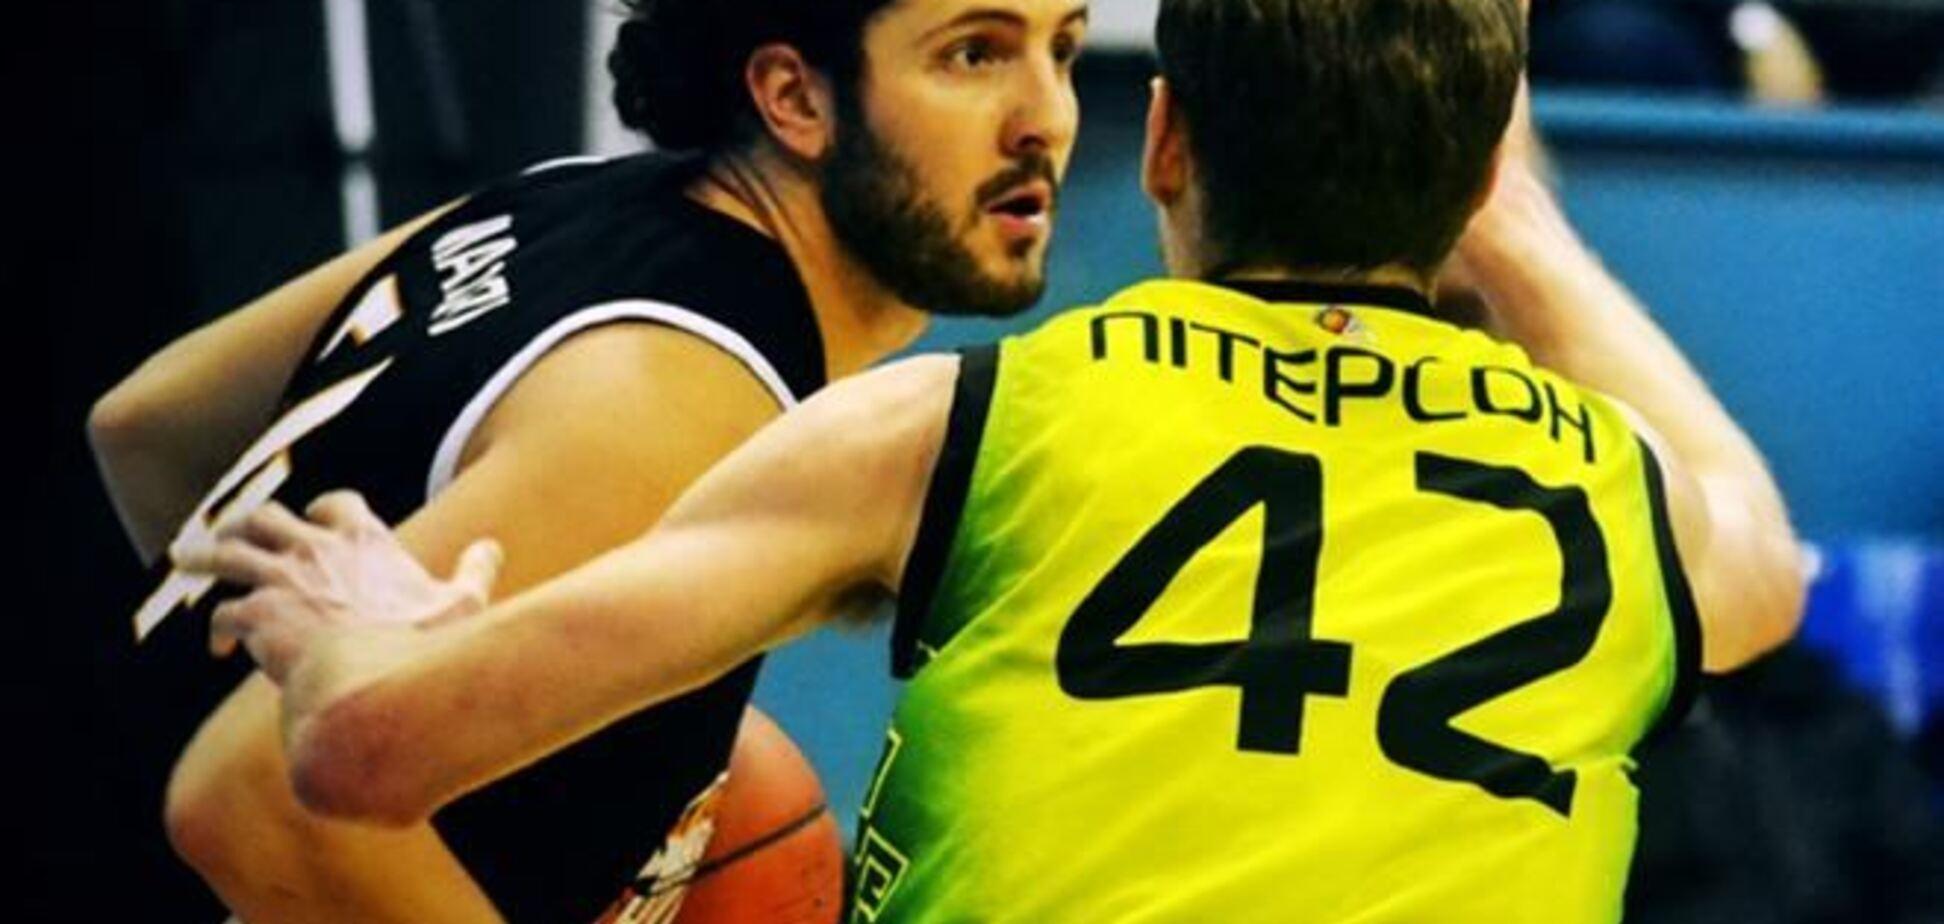 'Донецк' вышел в финал Кубка Украины по баскетболу